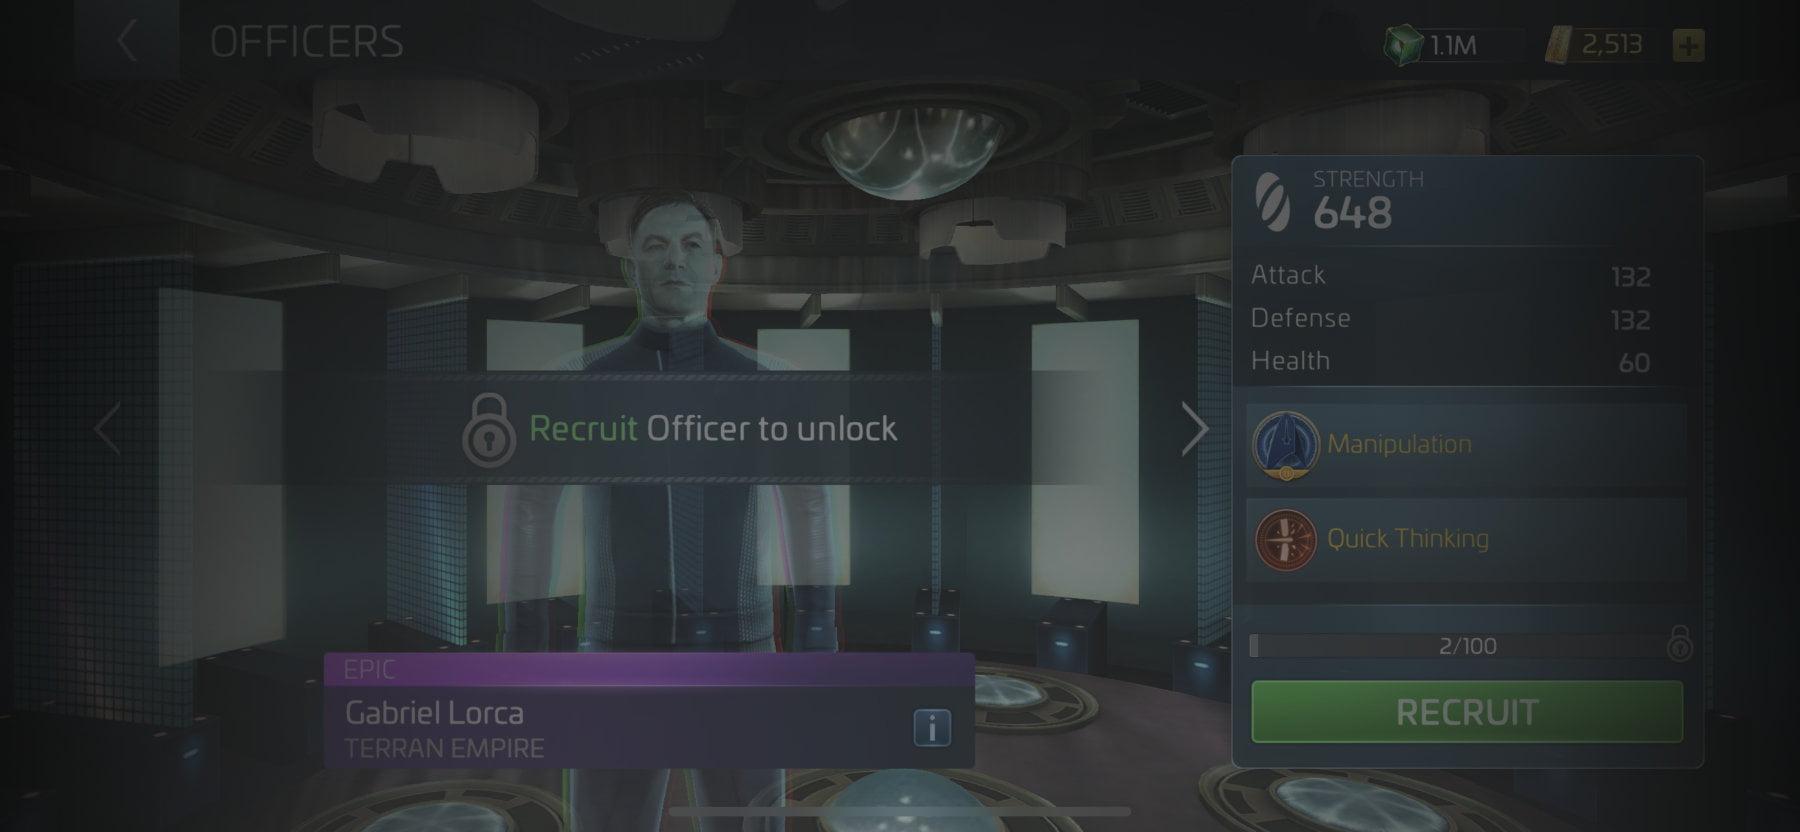 Officer Gabriel Lorca